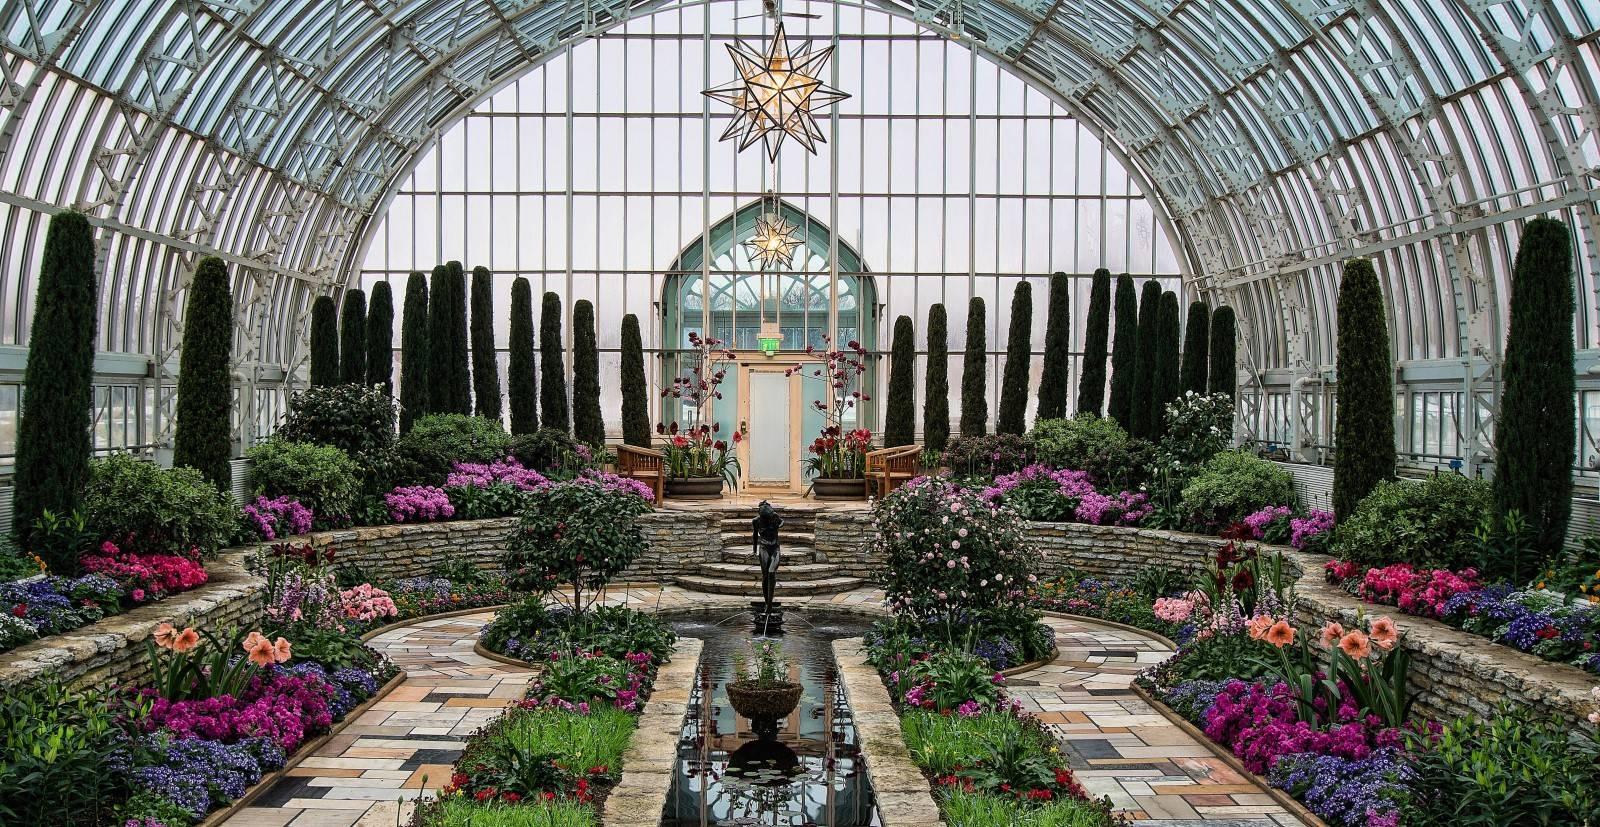 Прекрасный ботанический сад берлина: какие особенности